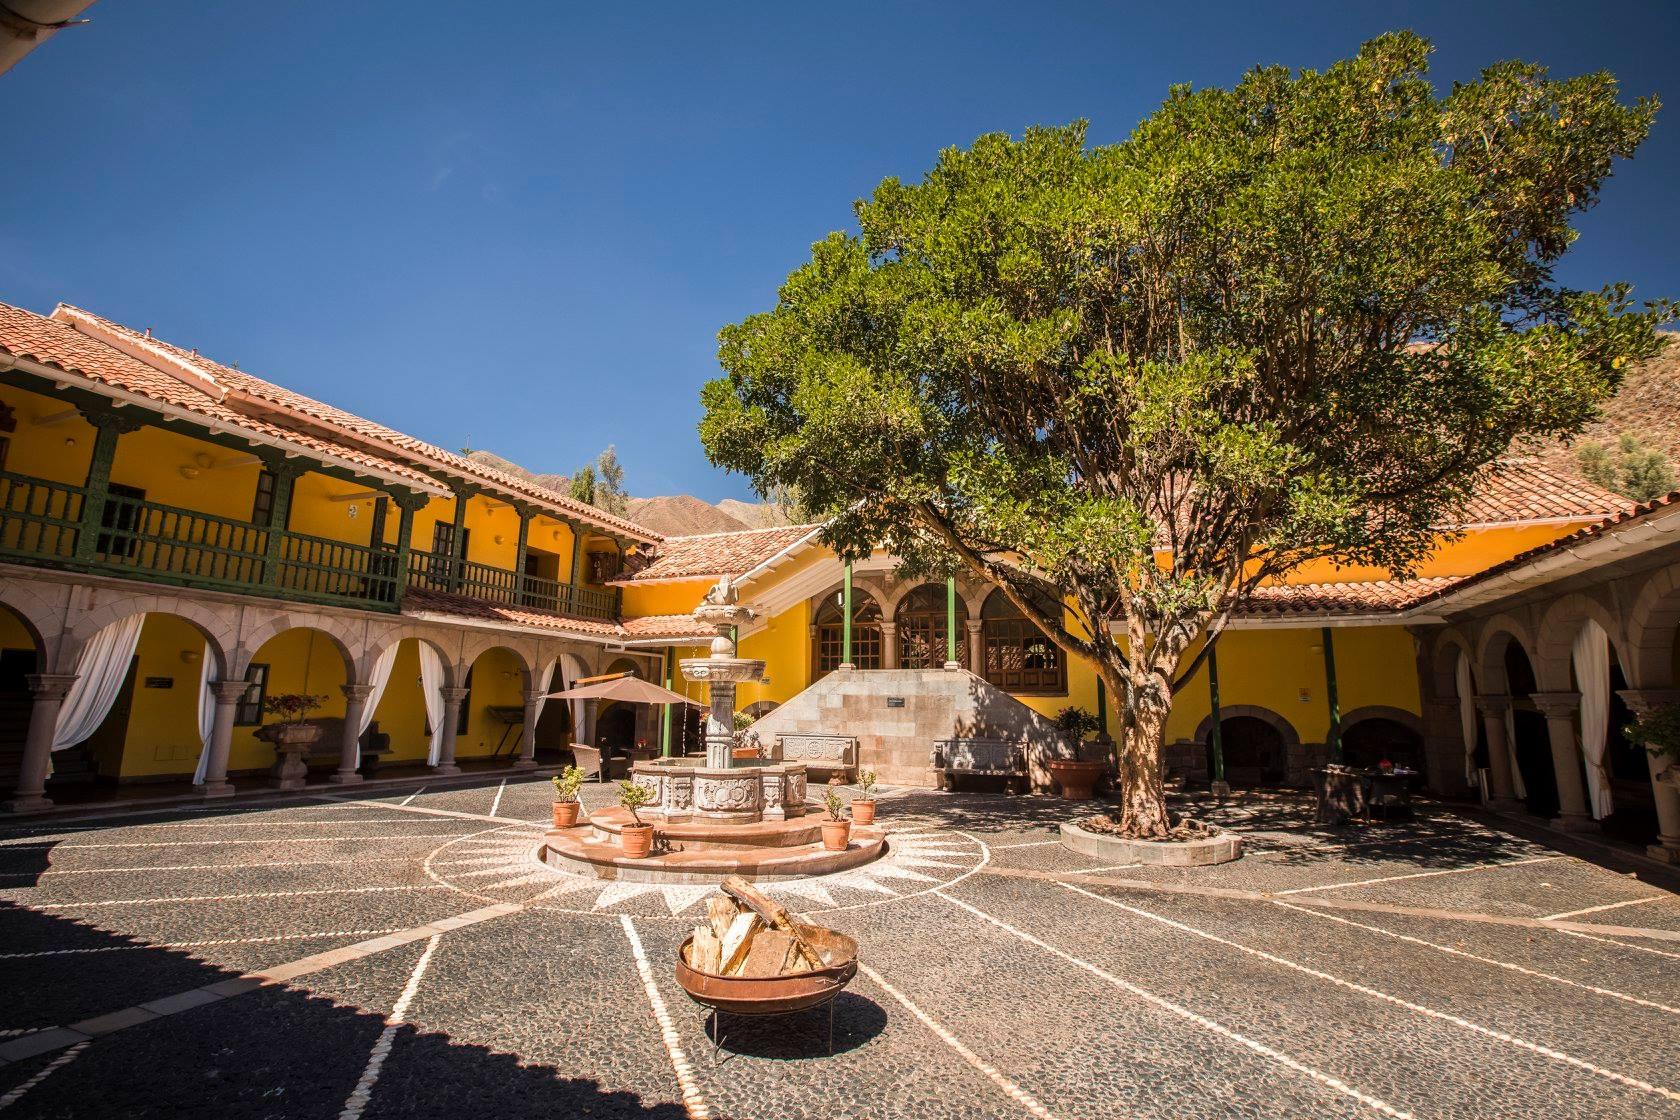 Aranwa Cusco Boutique Hotel se da el lujo de presumir sus ocho premios ganados por el servicio que ofrecen al huésped. (Foto: Facebook Aranwa Cusco Boutique Hotel)